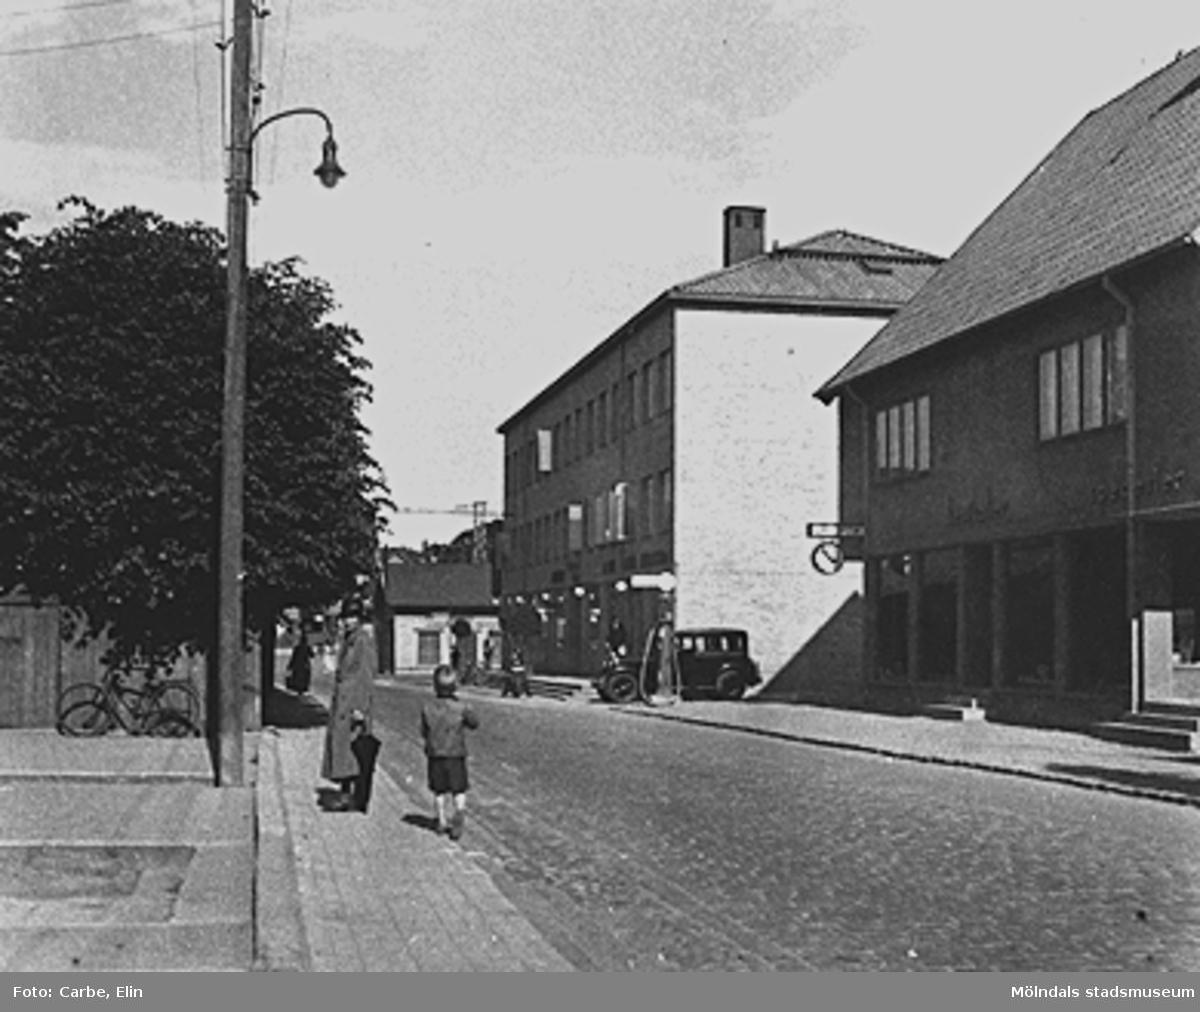 Till vänster ses Göteborgsvägen 1 och 3 och till höger Göteborgsvägen 14-2 (Elektriska kvarnen, skomakare Gustaf Adolf Petterssons fastighet, spårvagnshallarna och Pressbyråns kiosk).